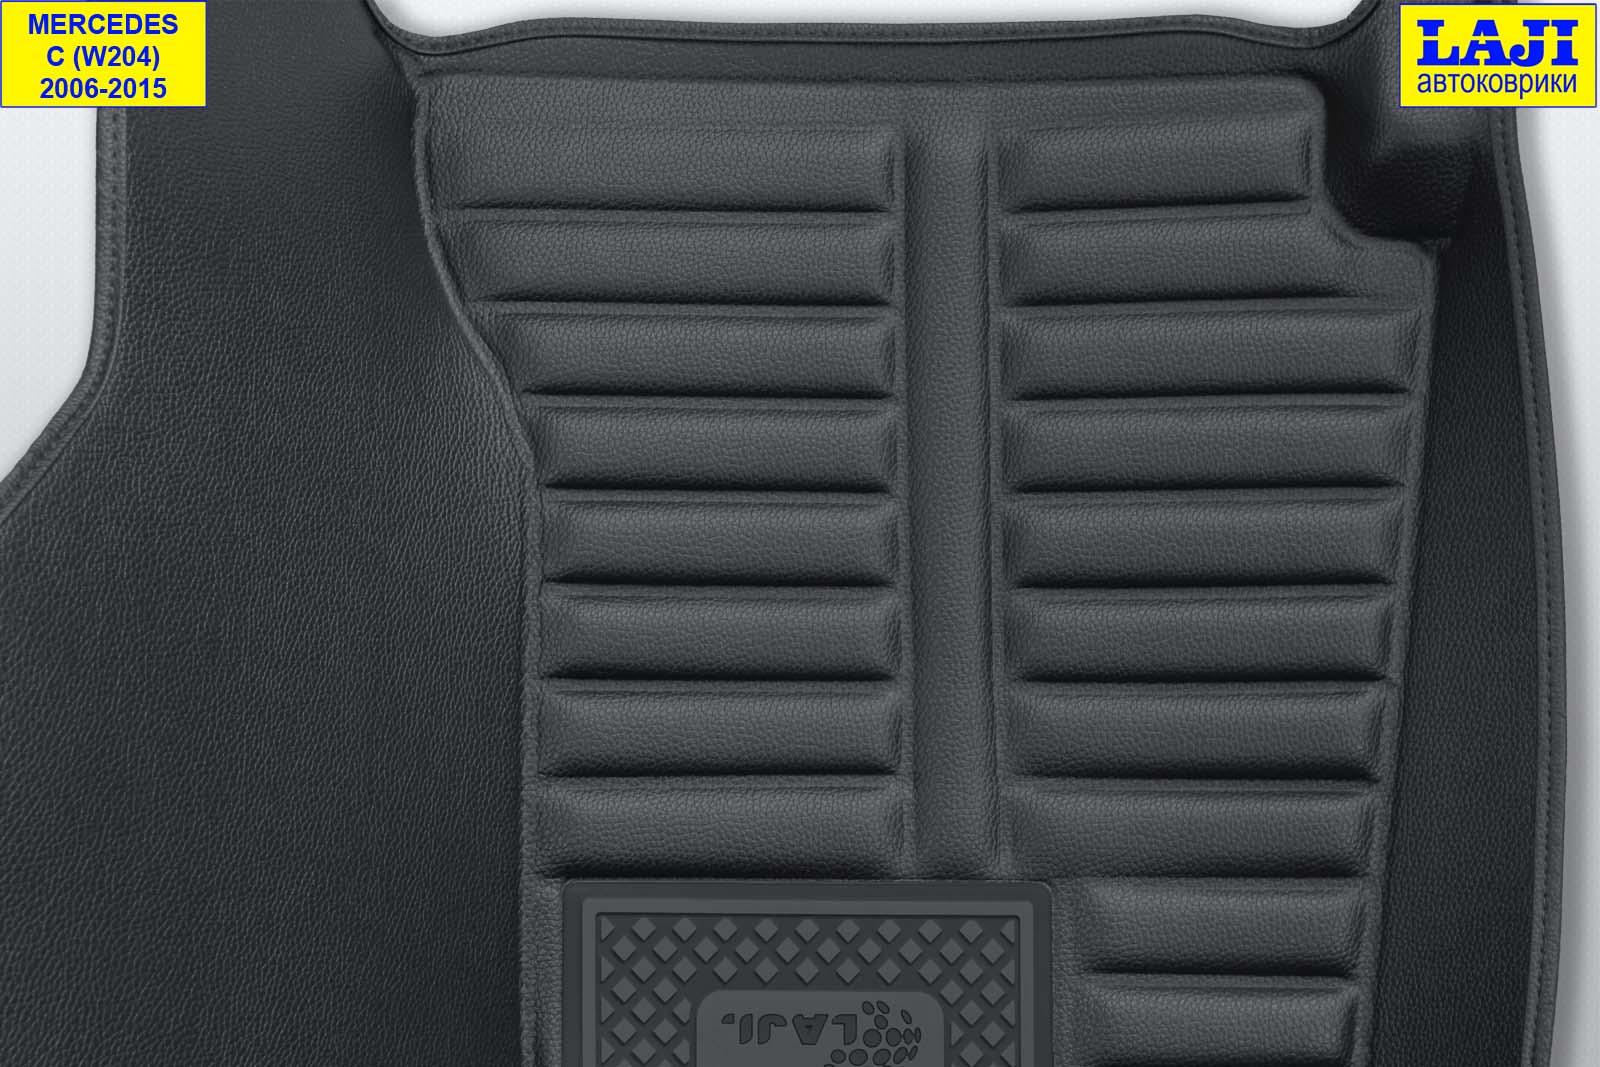 5D коврики в салон Mercedes С W204 2006-2015 8